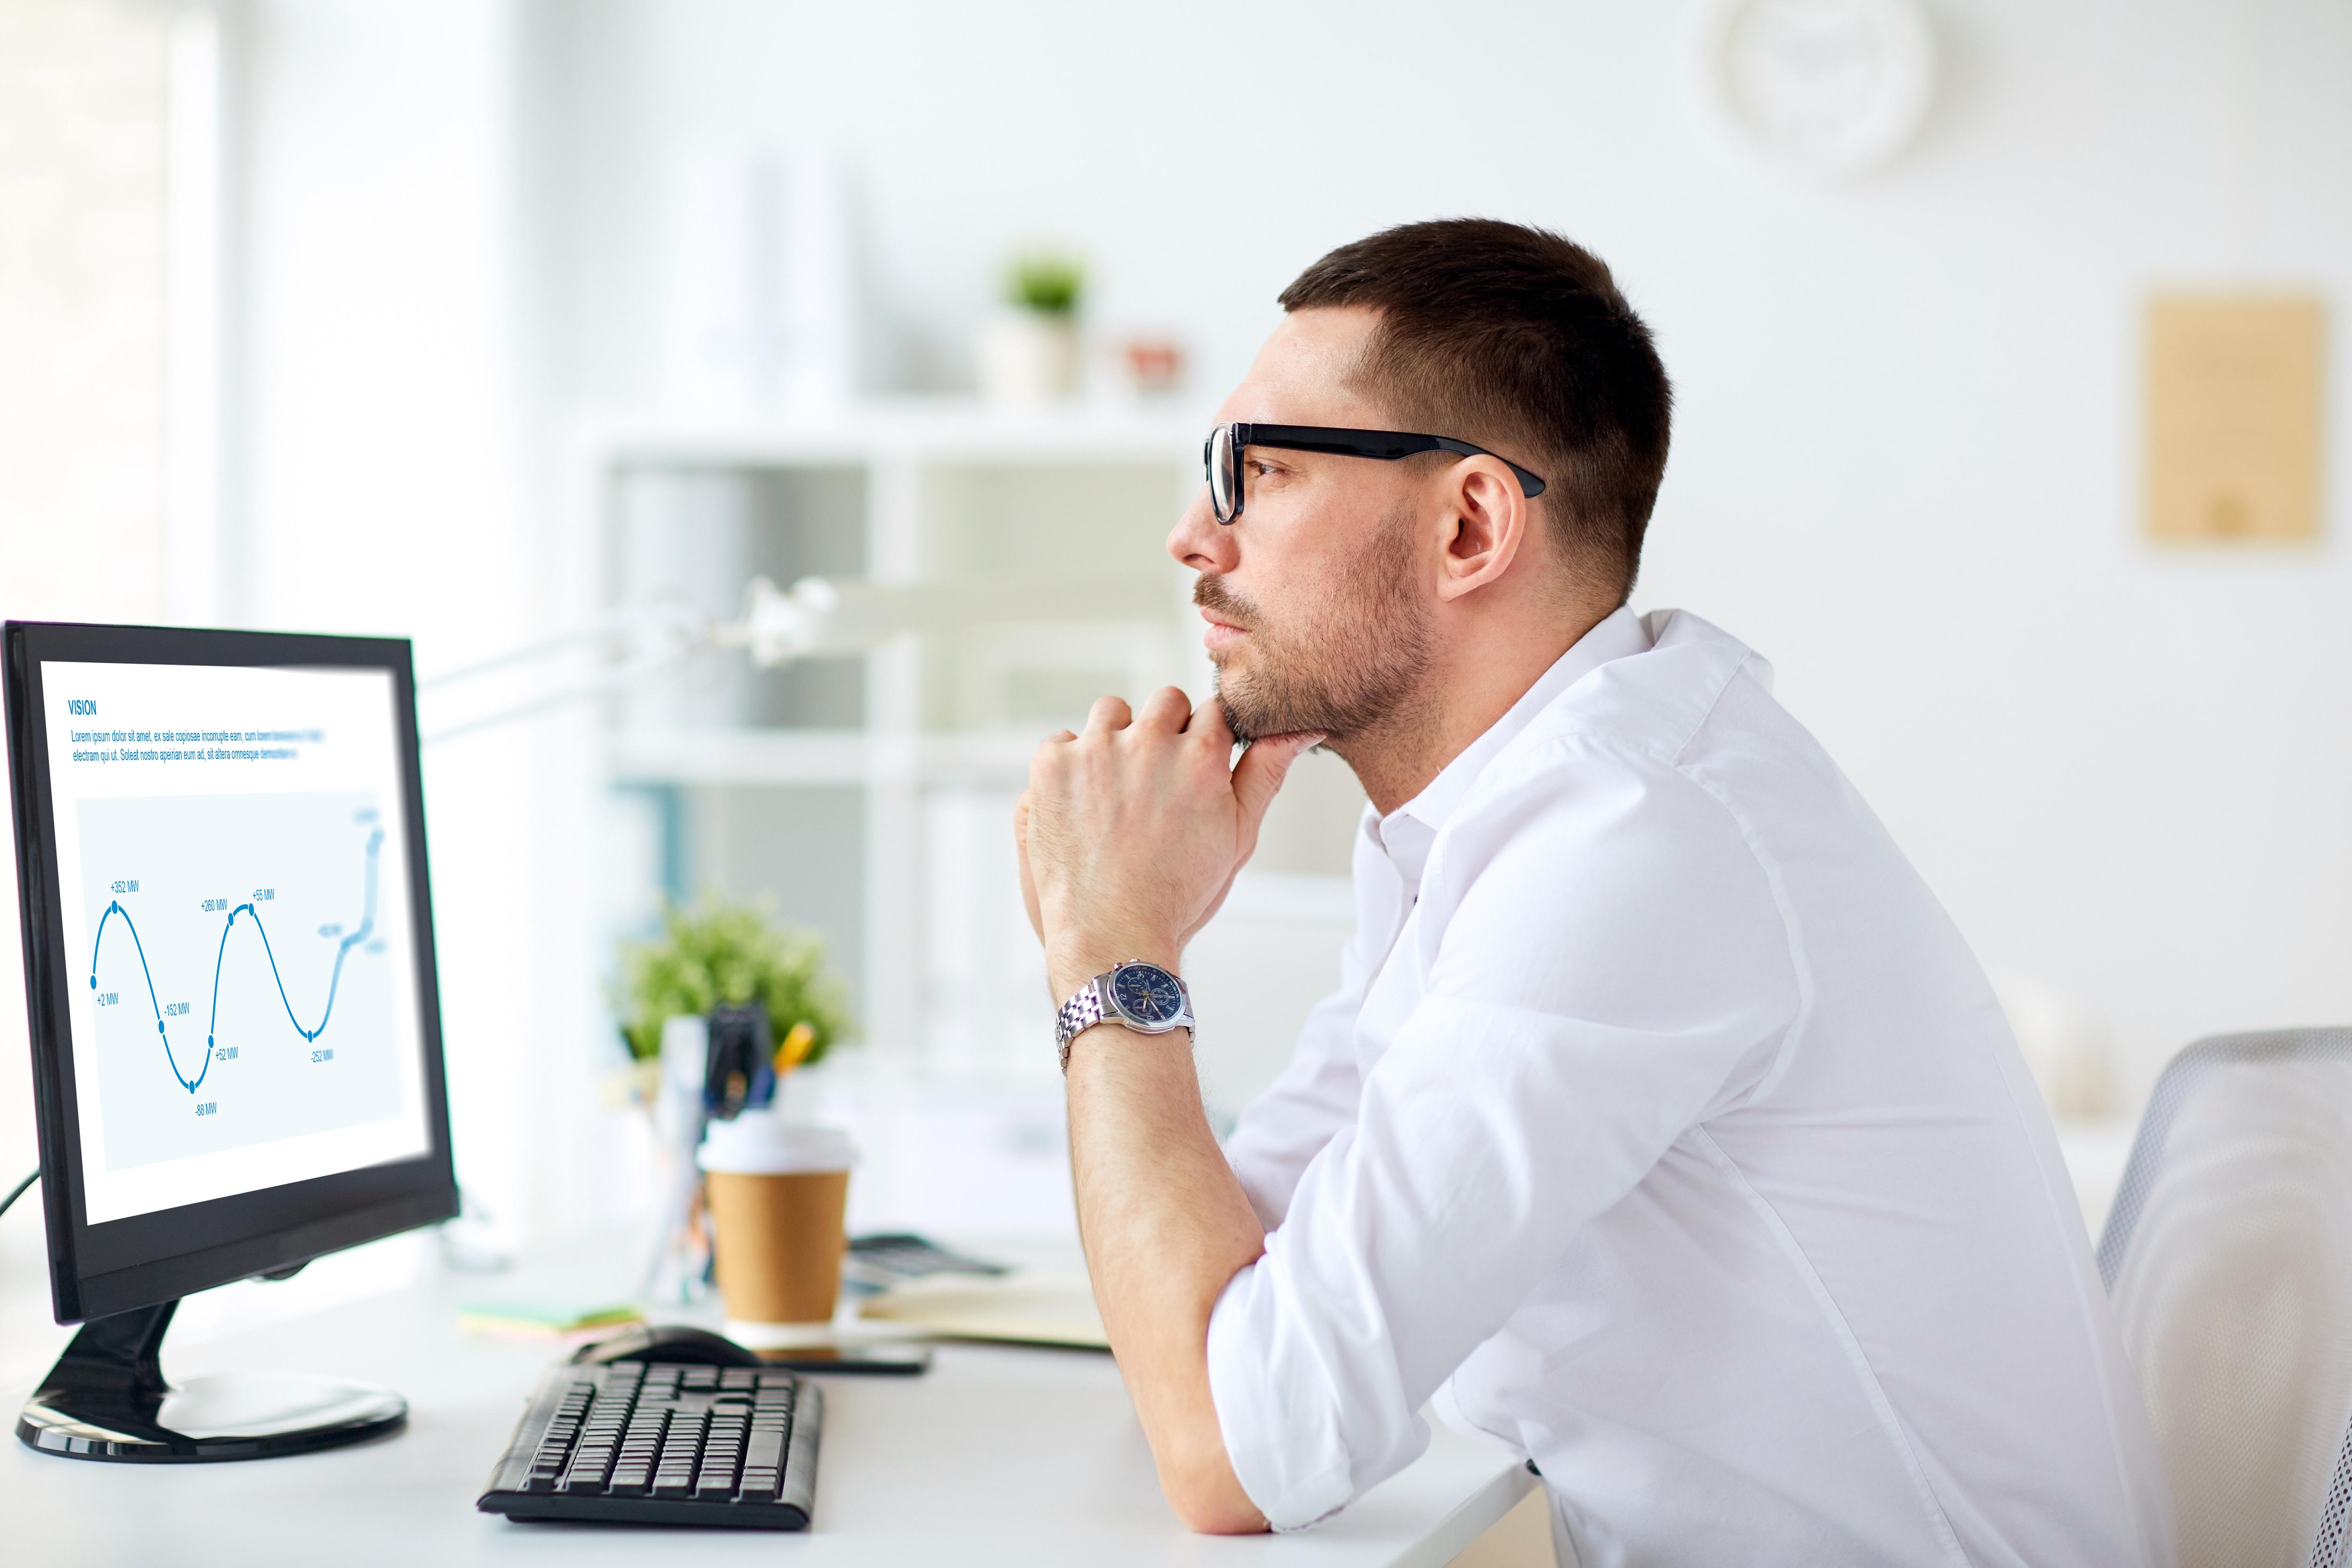 Geschäftsmann mit Tablle am Computer